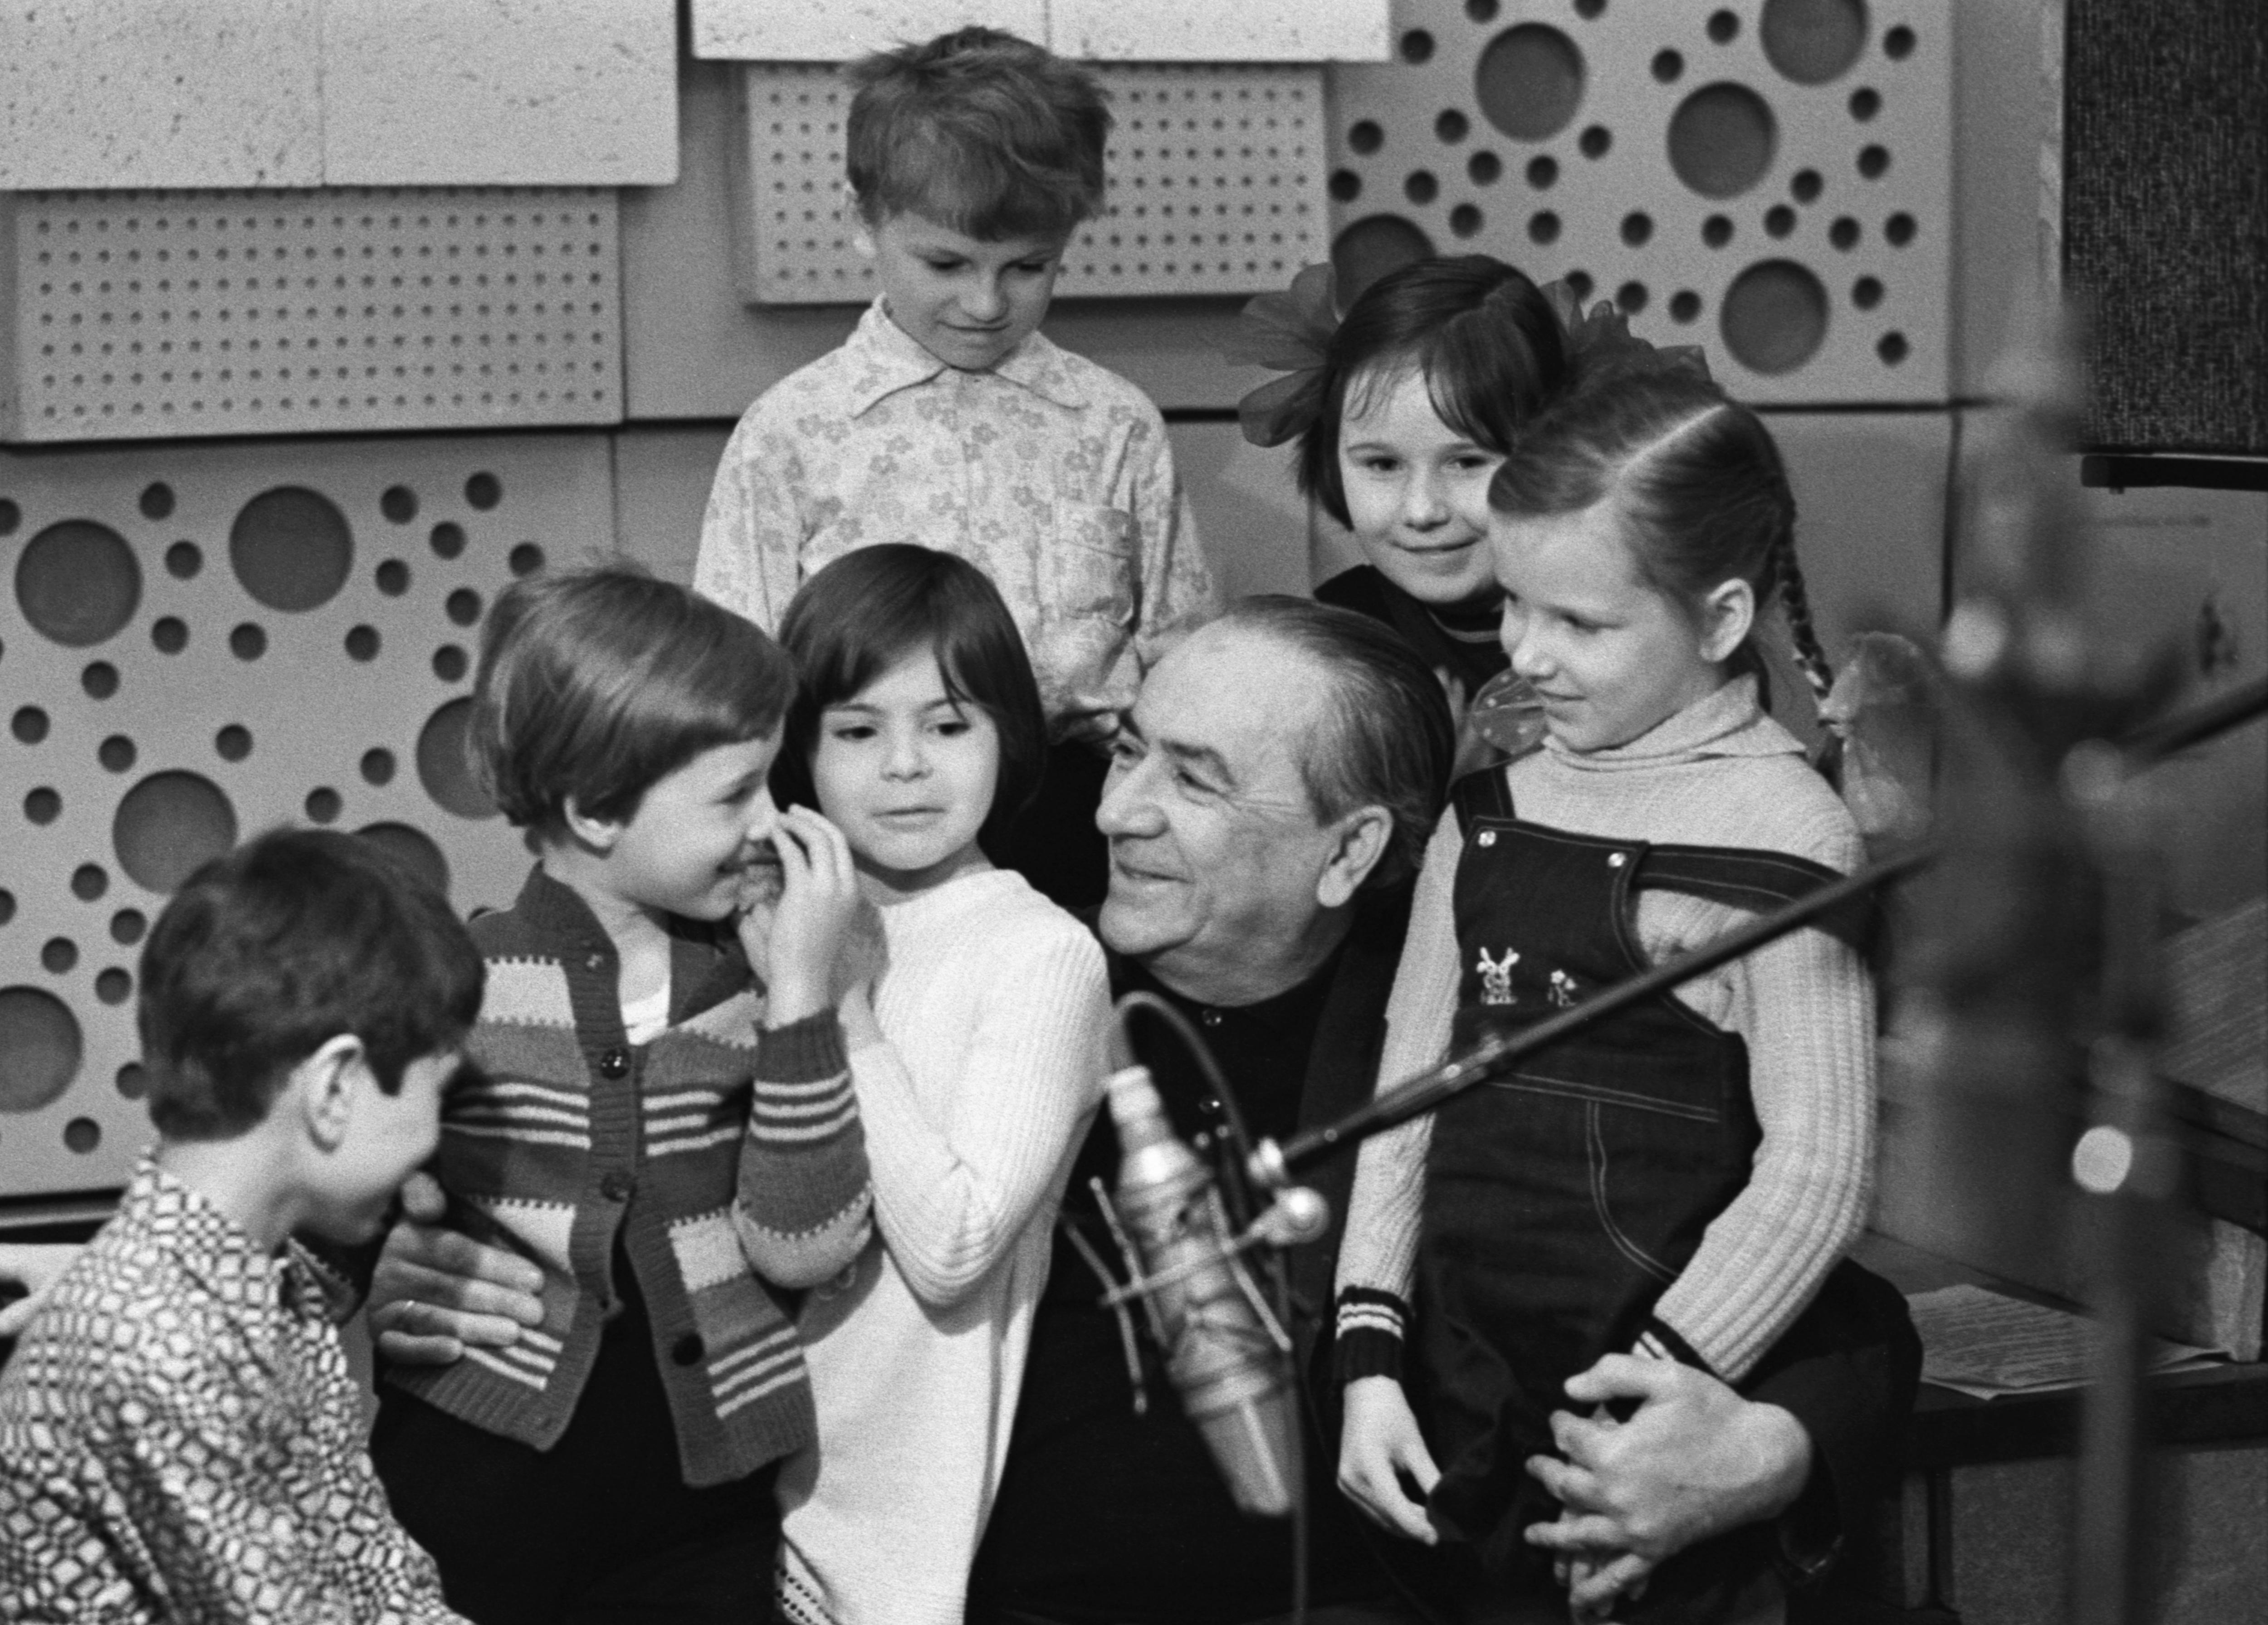 Фото: ТАСС/Олег Иванов Николай Литвинов во время записи детской радиопередачи «Веселый поезд», 1980 год